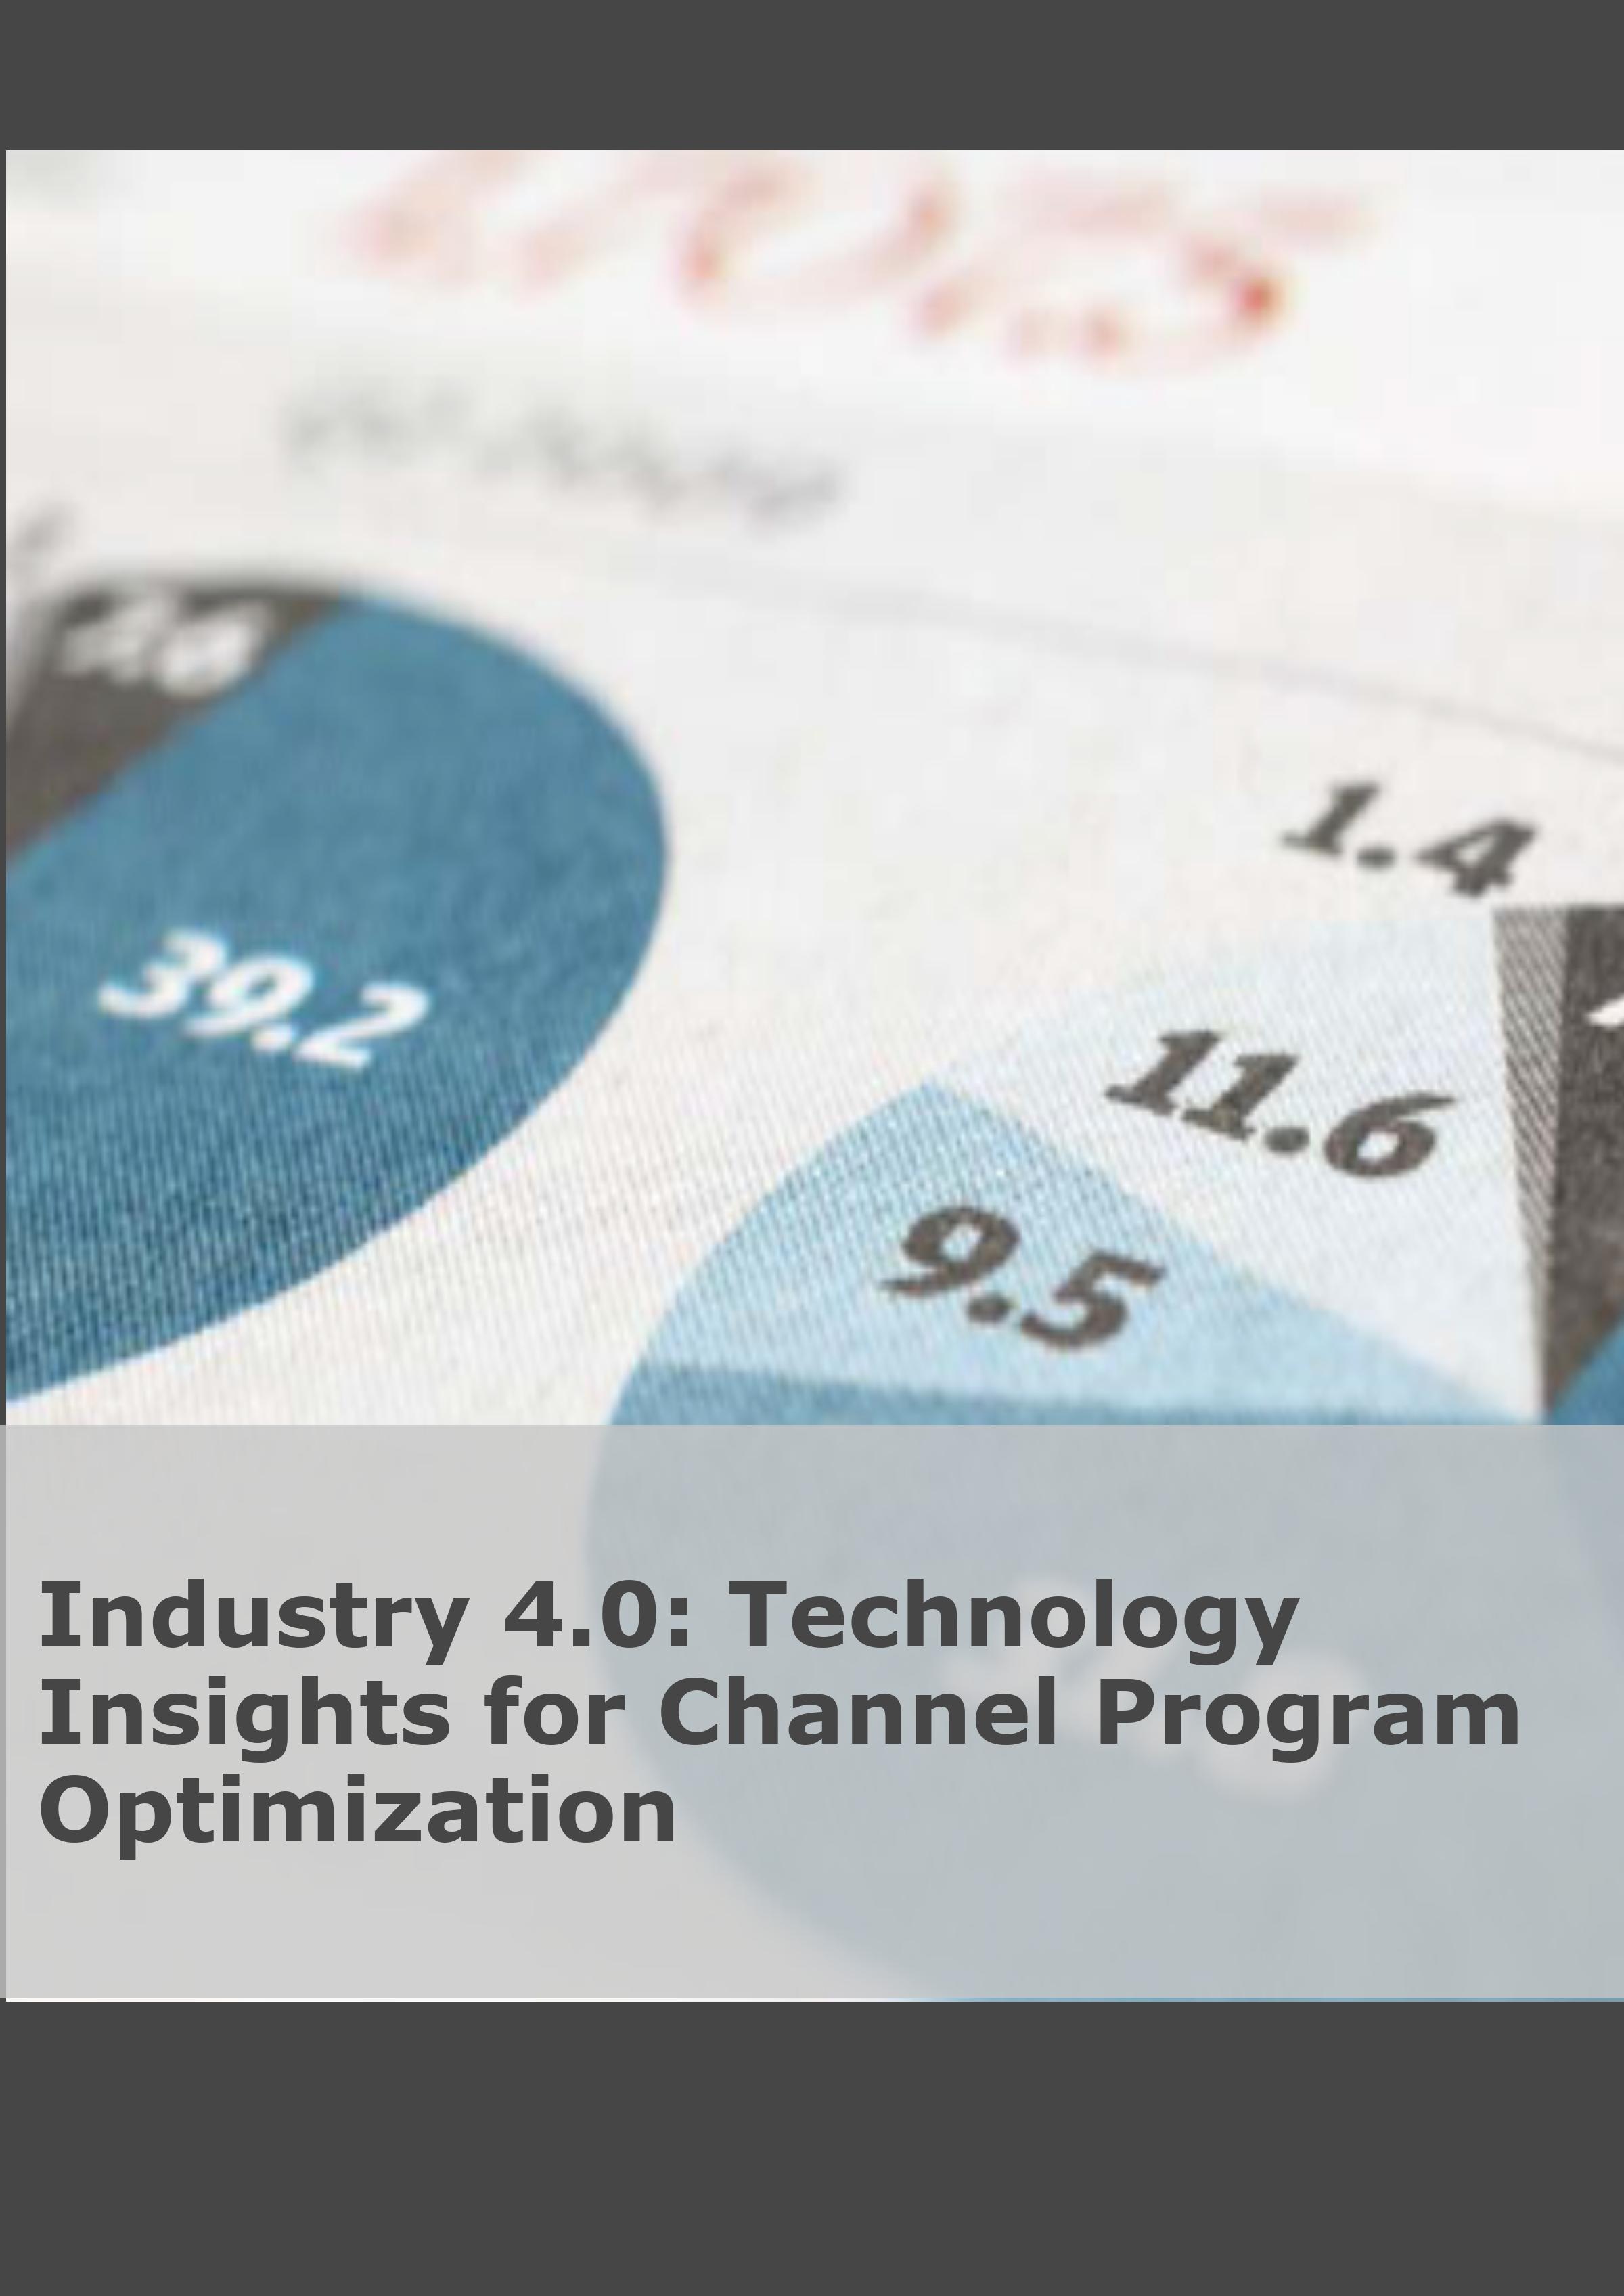 Industry 4.0 Executive Brief